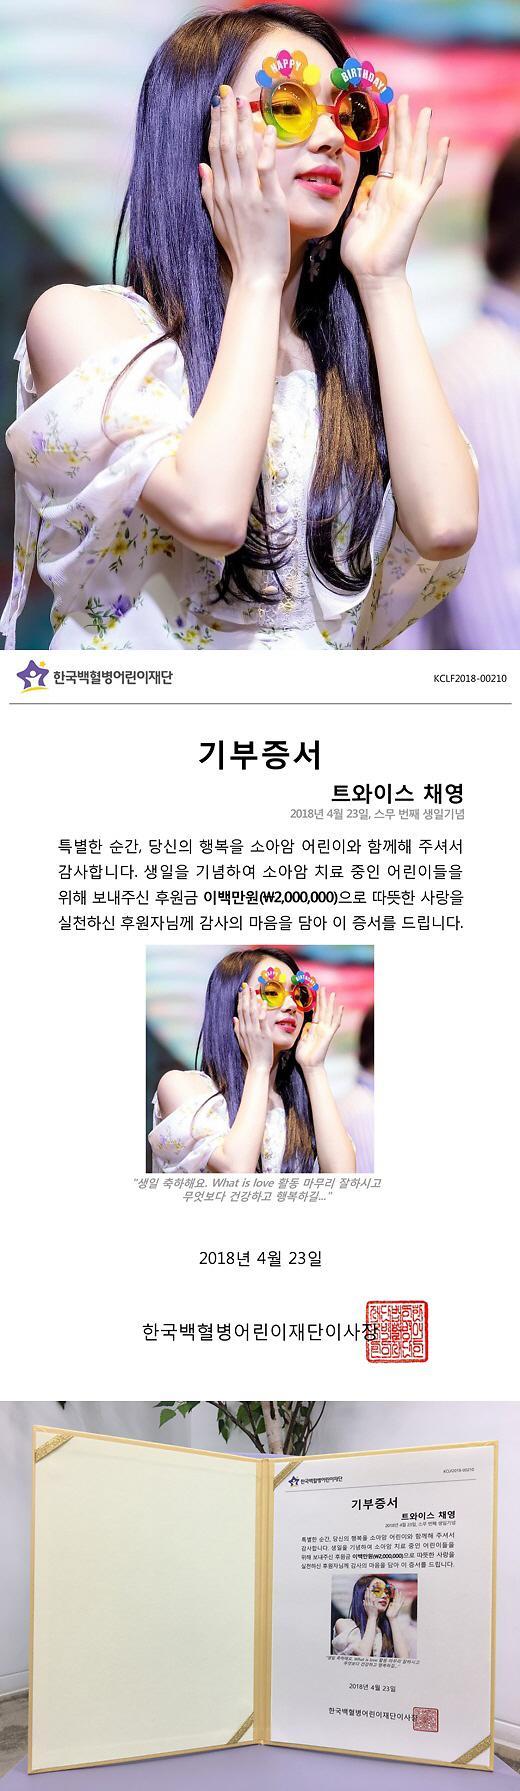 TWICE彩瑛粉丝为偶像庆生 捐款200万韩元做慈善